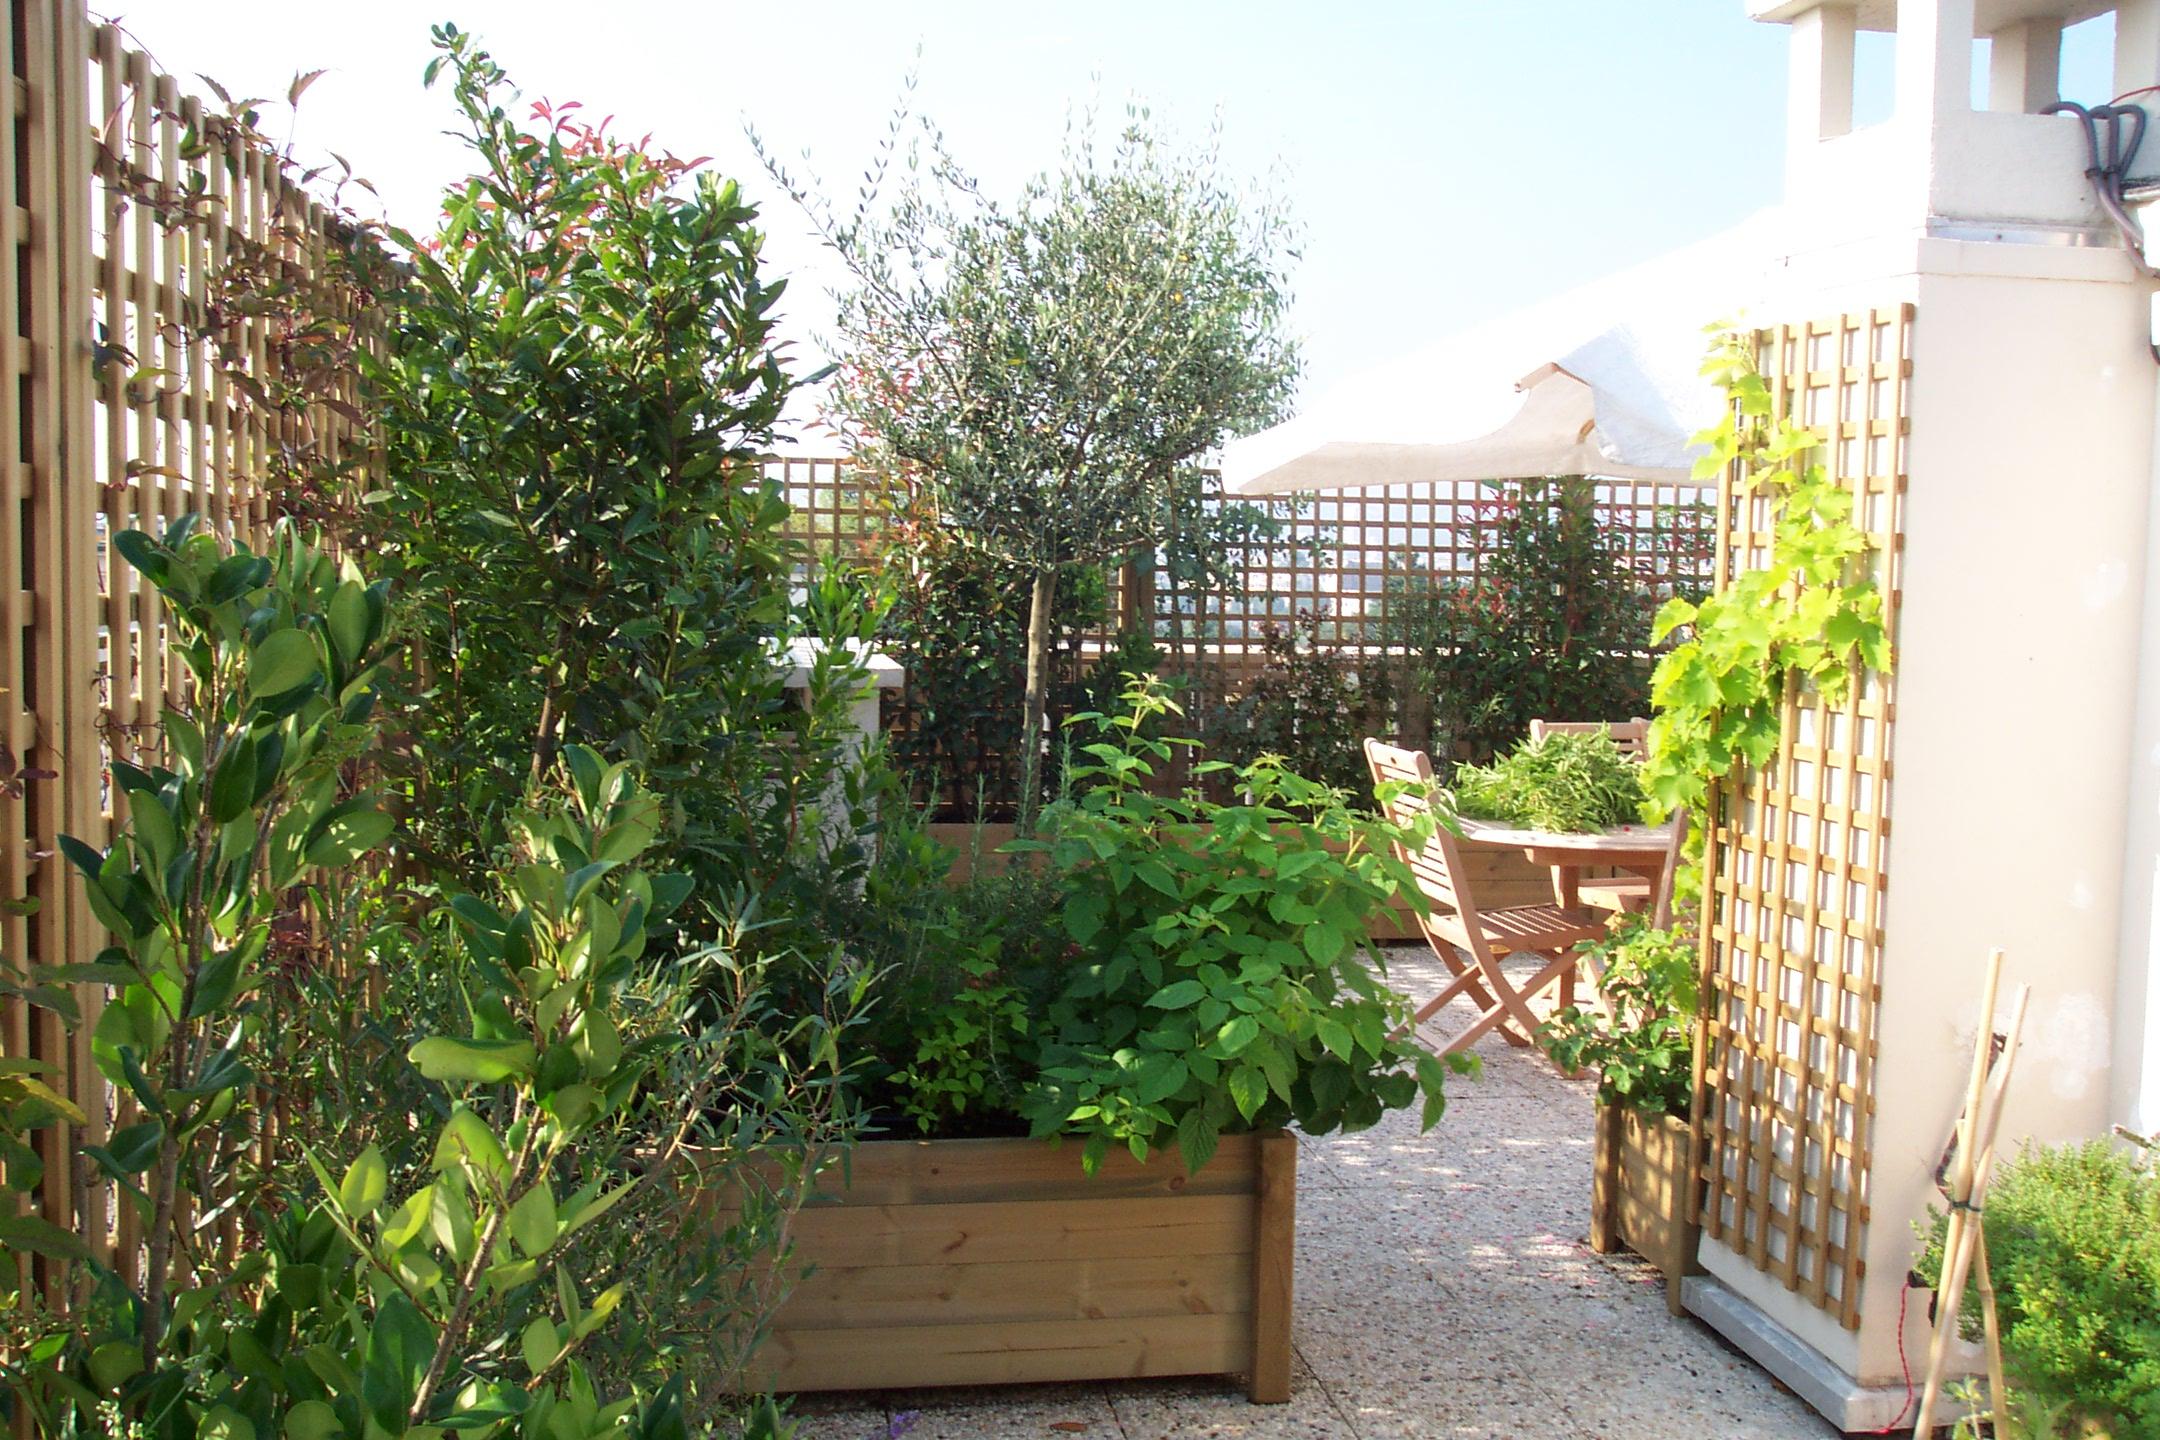 Arbre En Pot Terrasse une terrasse oui, mais sans vis-à-vis !